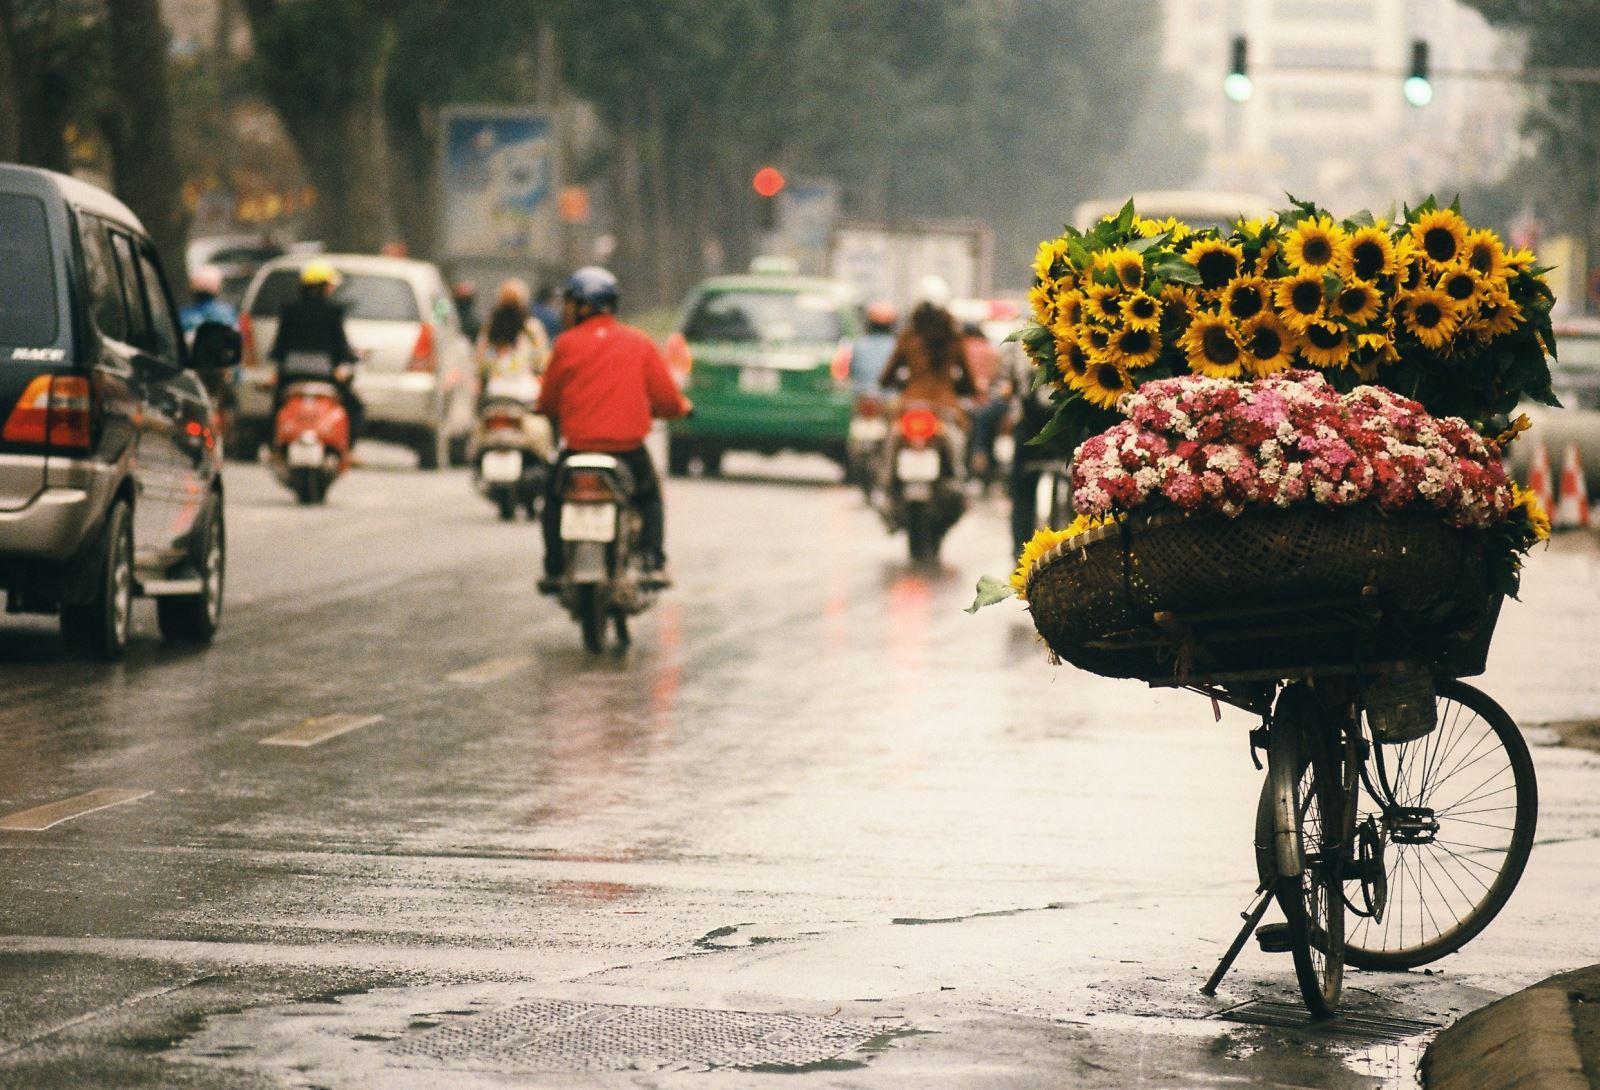 Dự báo thời tiết, Thời tiết, Thời tiết hôm nay, Tin thời tiết, Bão số 6, Bão số 7, Bão mới nhất, cơn bão số 7, Siêu bão Mangkhut, tin bão, tin bão mới nhất, bão mới nhất